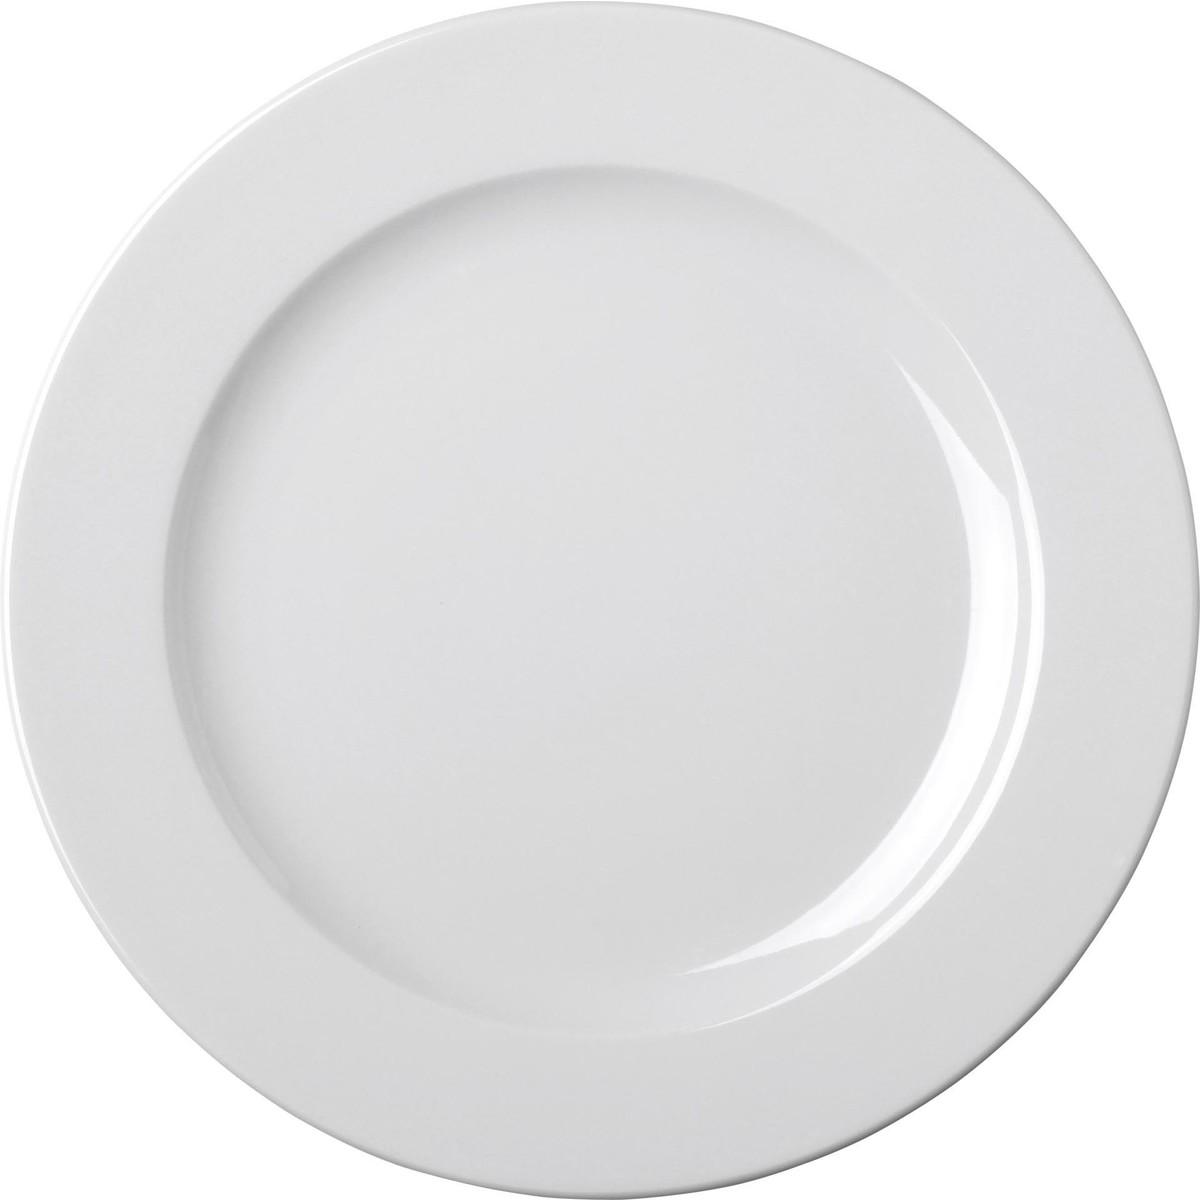 Teller flach Ø 28 cm weiß